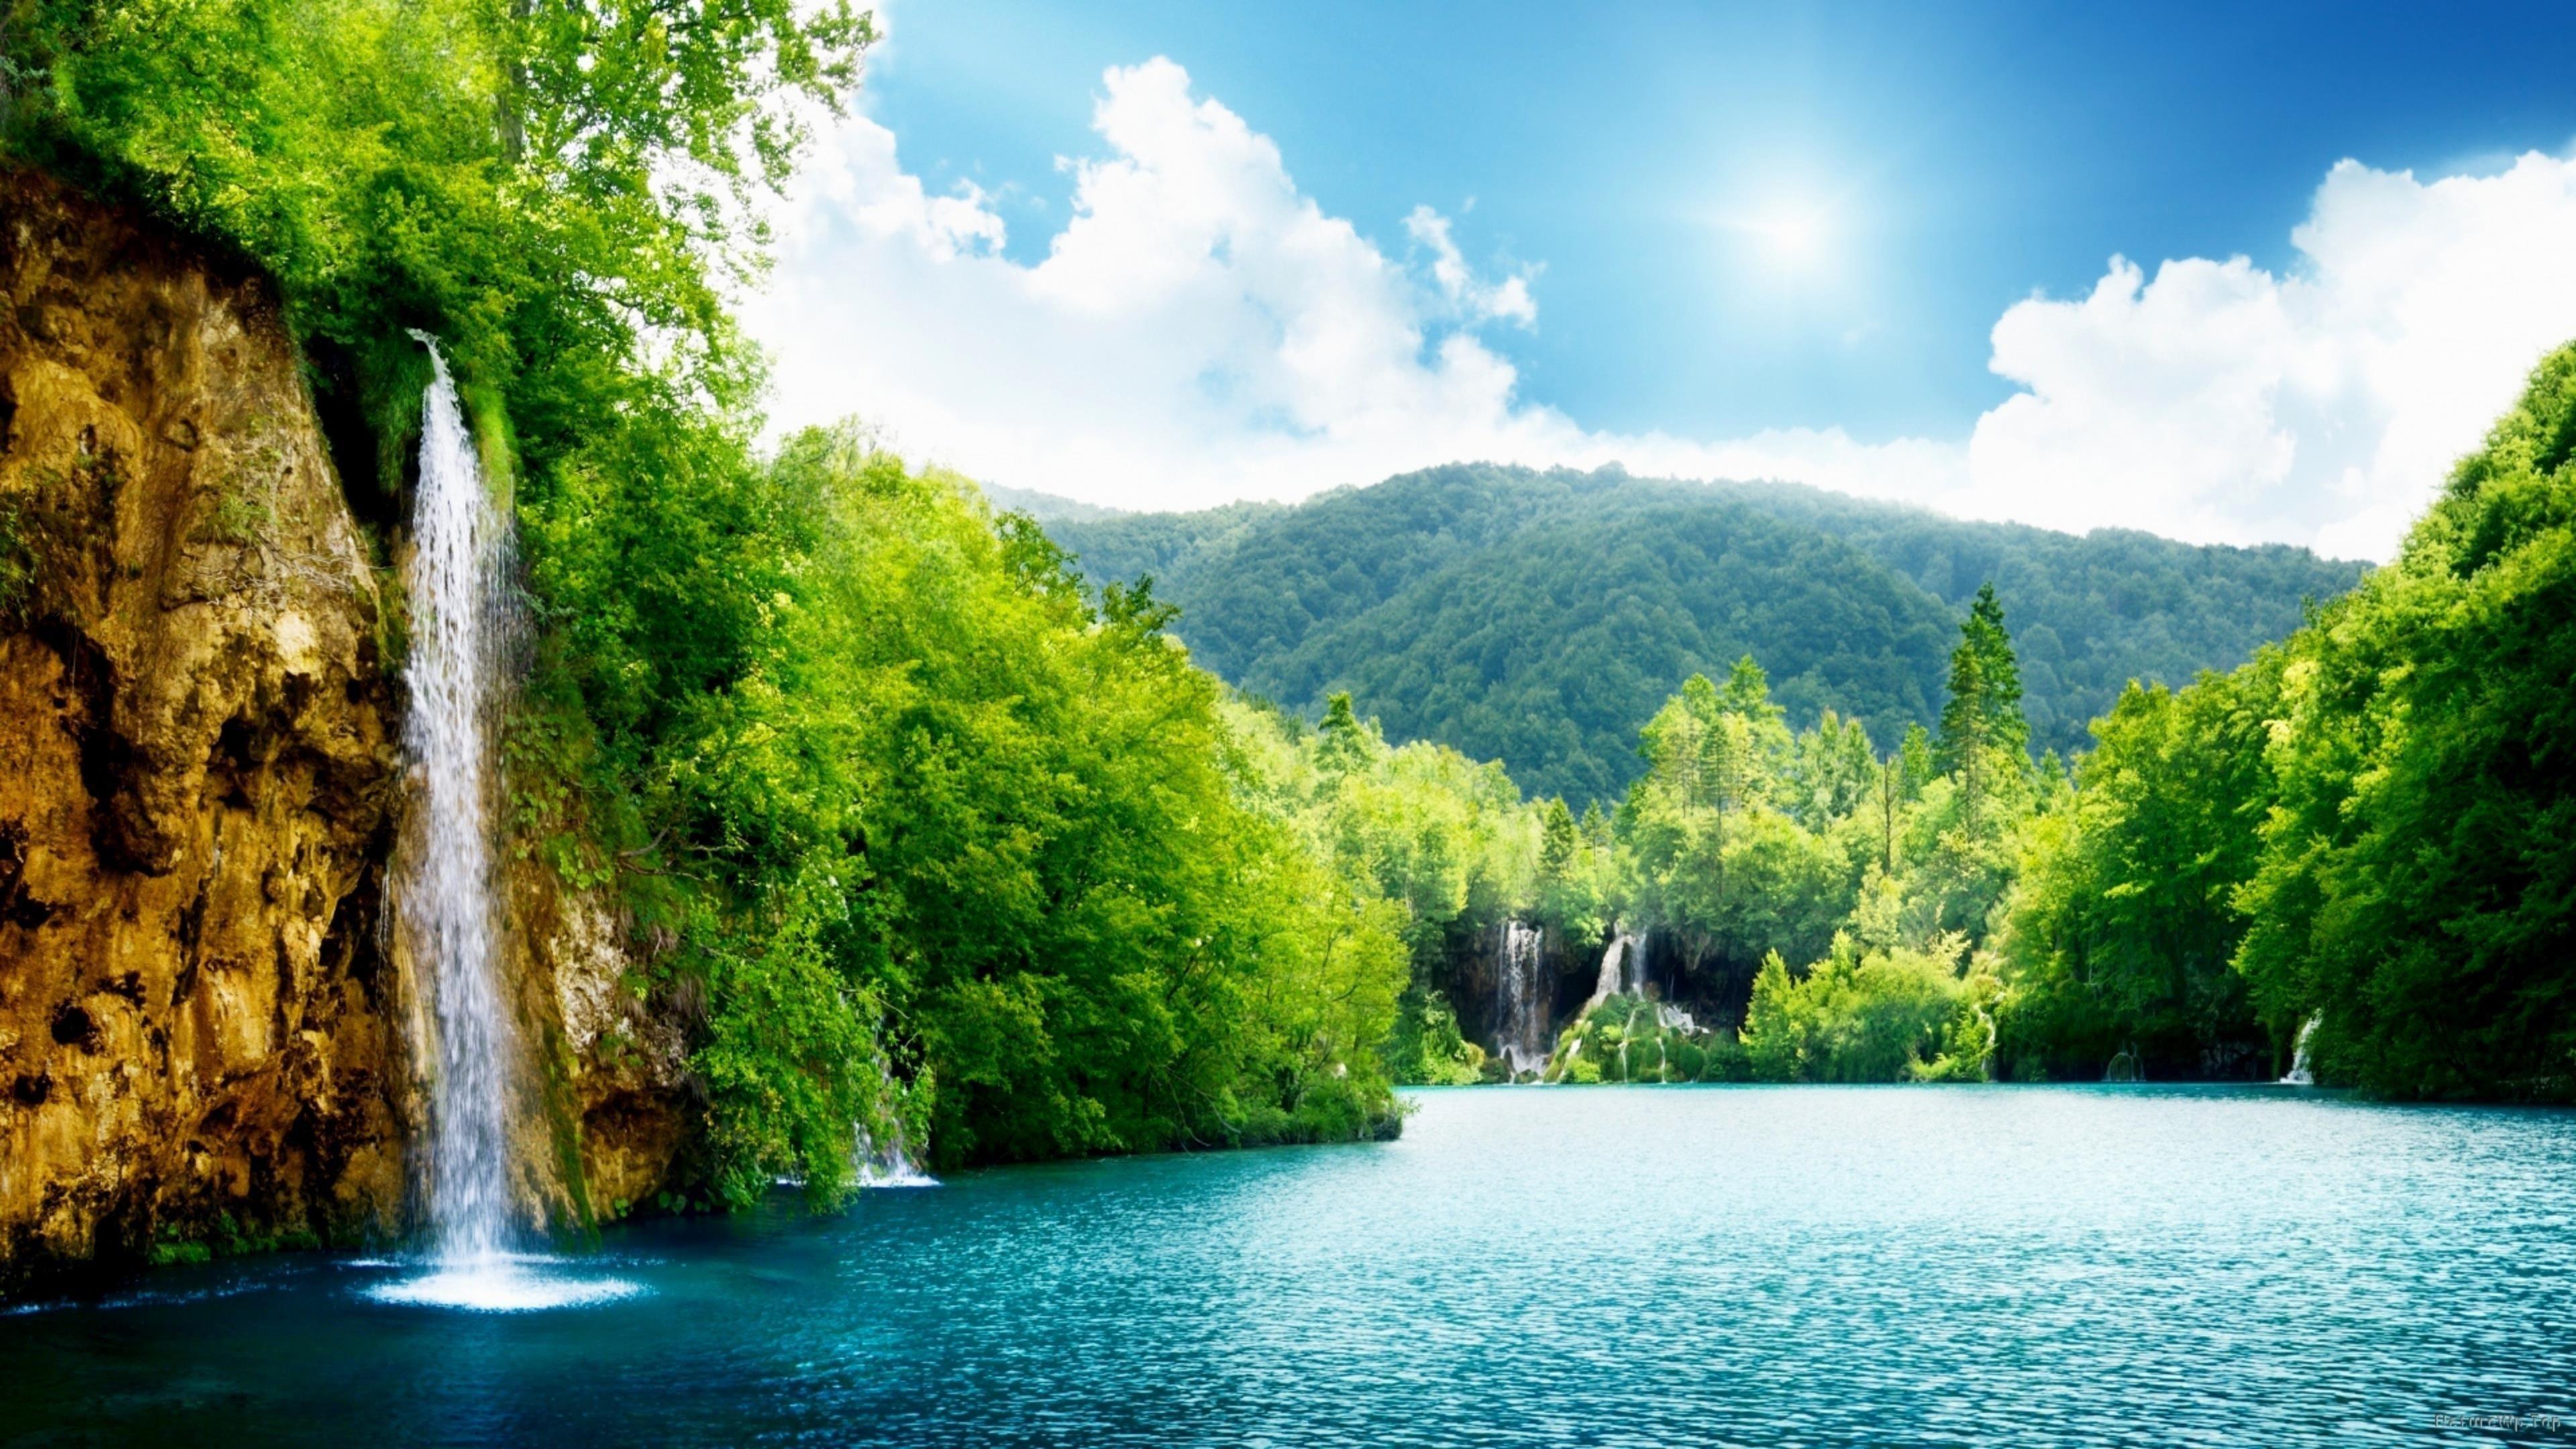 Водопады рядом с зелеными листьями деревьев под голубым небом природа обои скачать